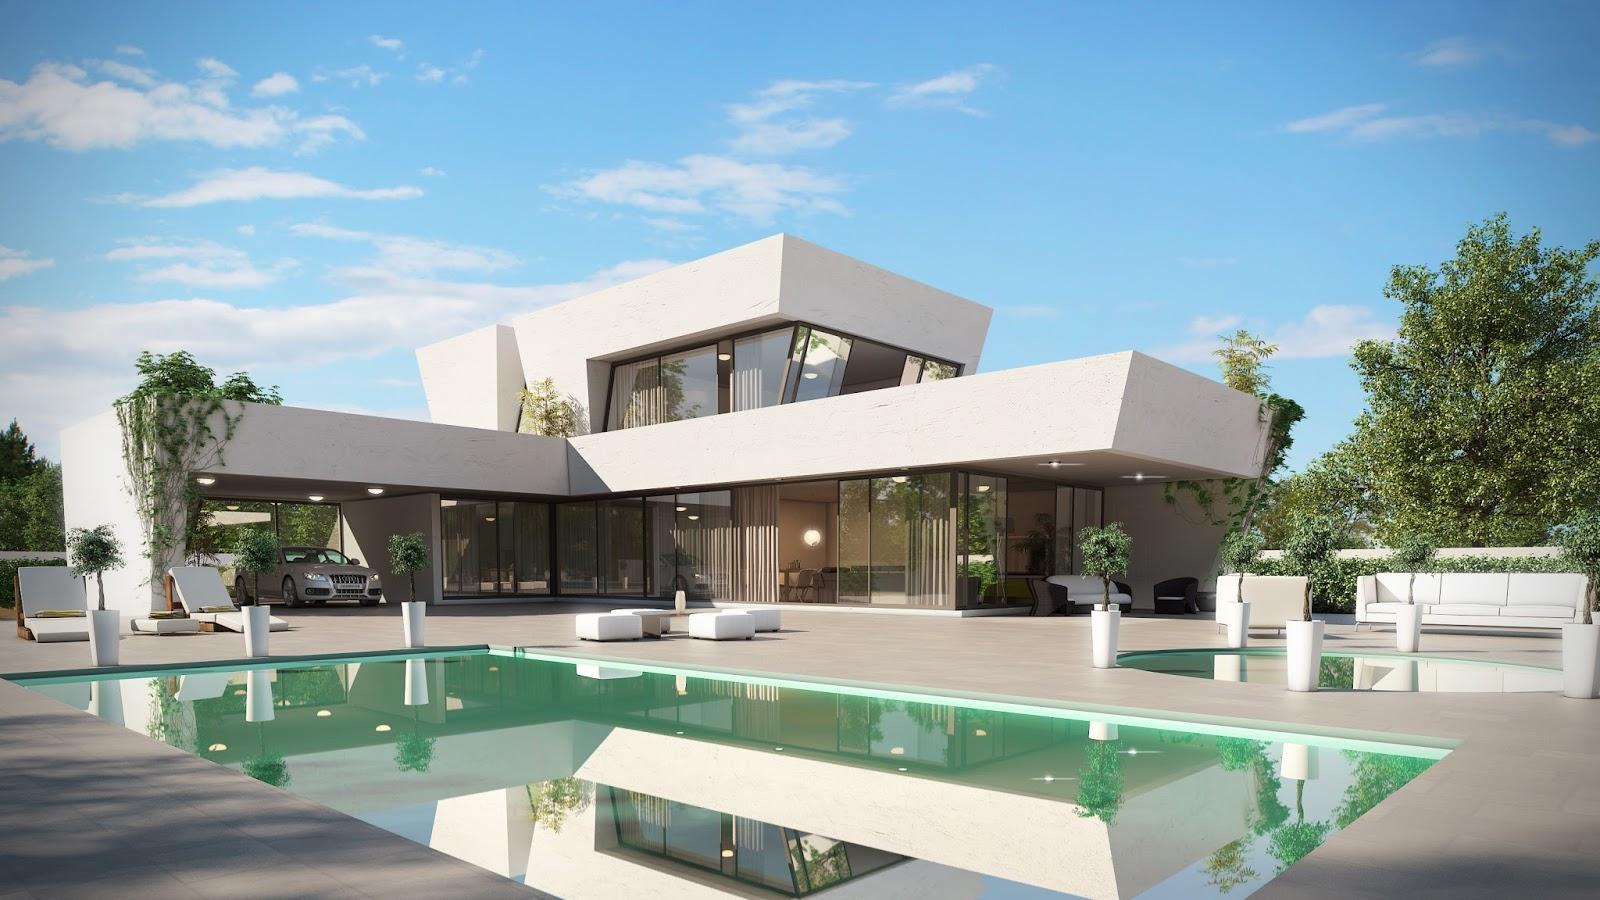 Casas de madera de diseno moderno dise os for Disenos arquitectonicos de casas modernas